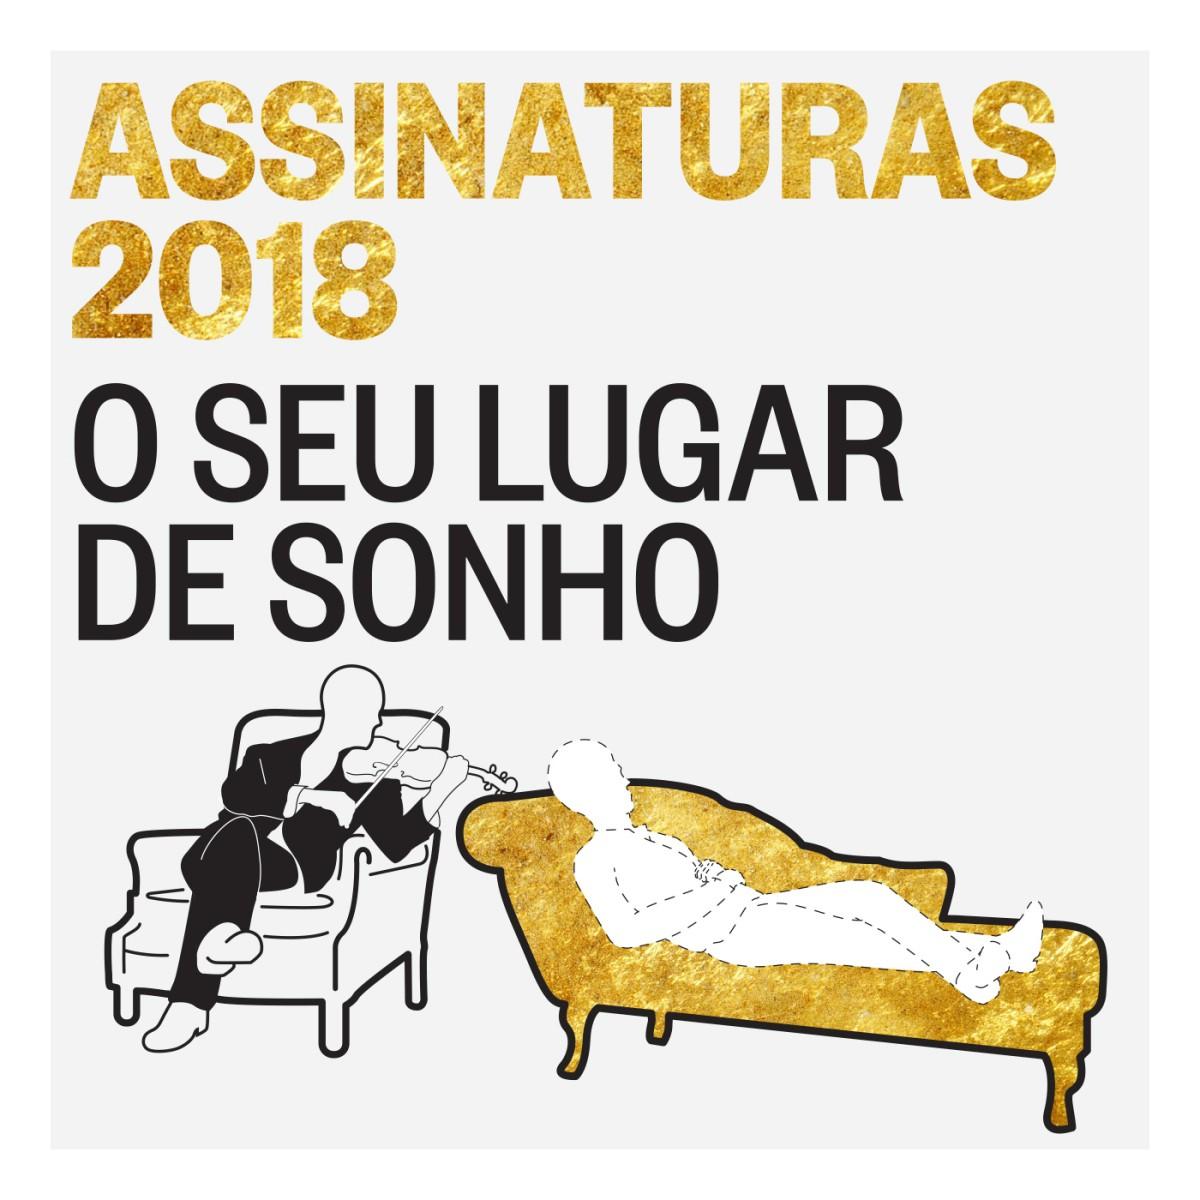 Casa da Música 2018 Image:6.2